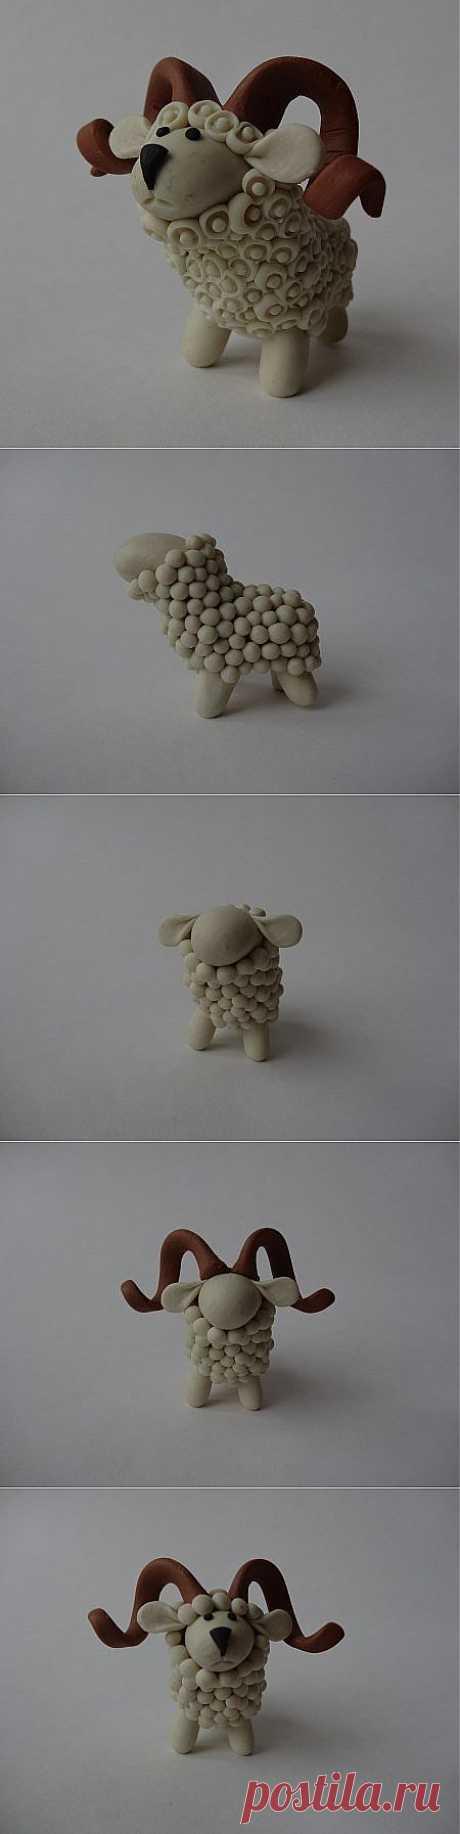 ¡(+1) tema - Esculpimos el regalo ovenu! | por las MANOS